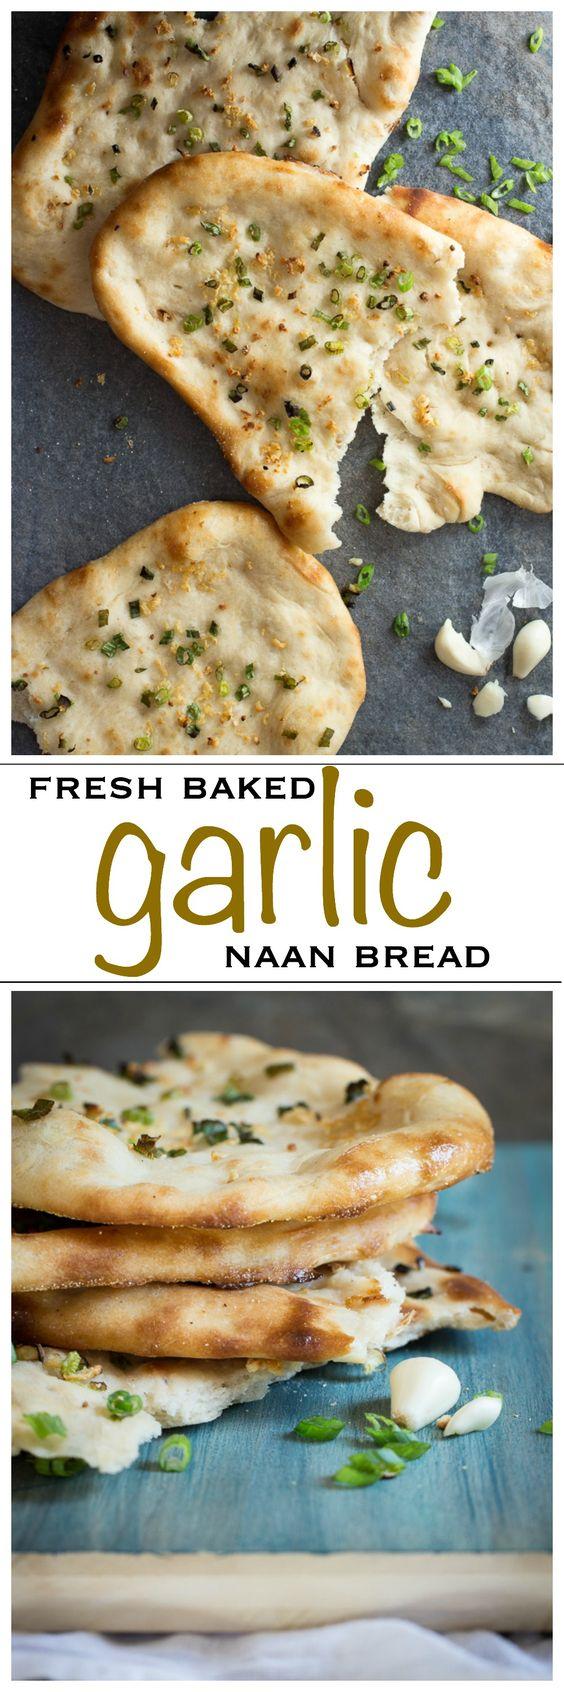 Homemade Garlic Naan Bread Homemade Garlic Naan Bread